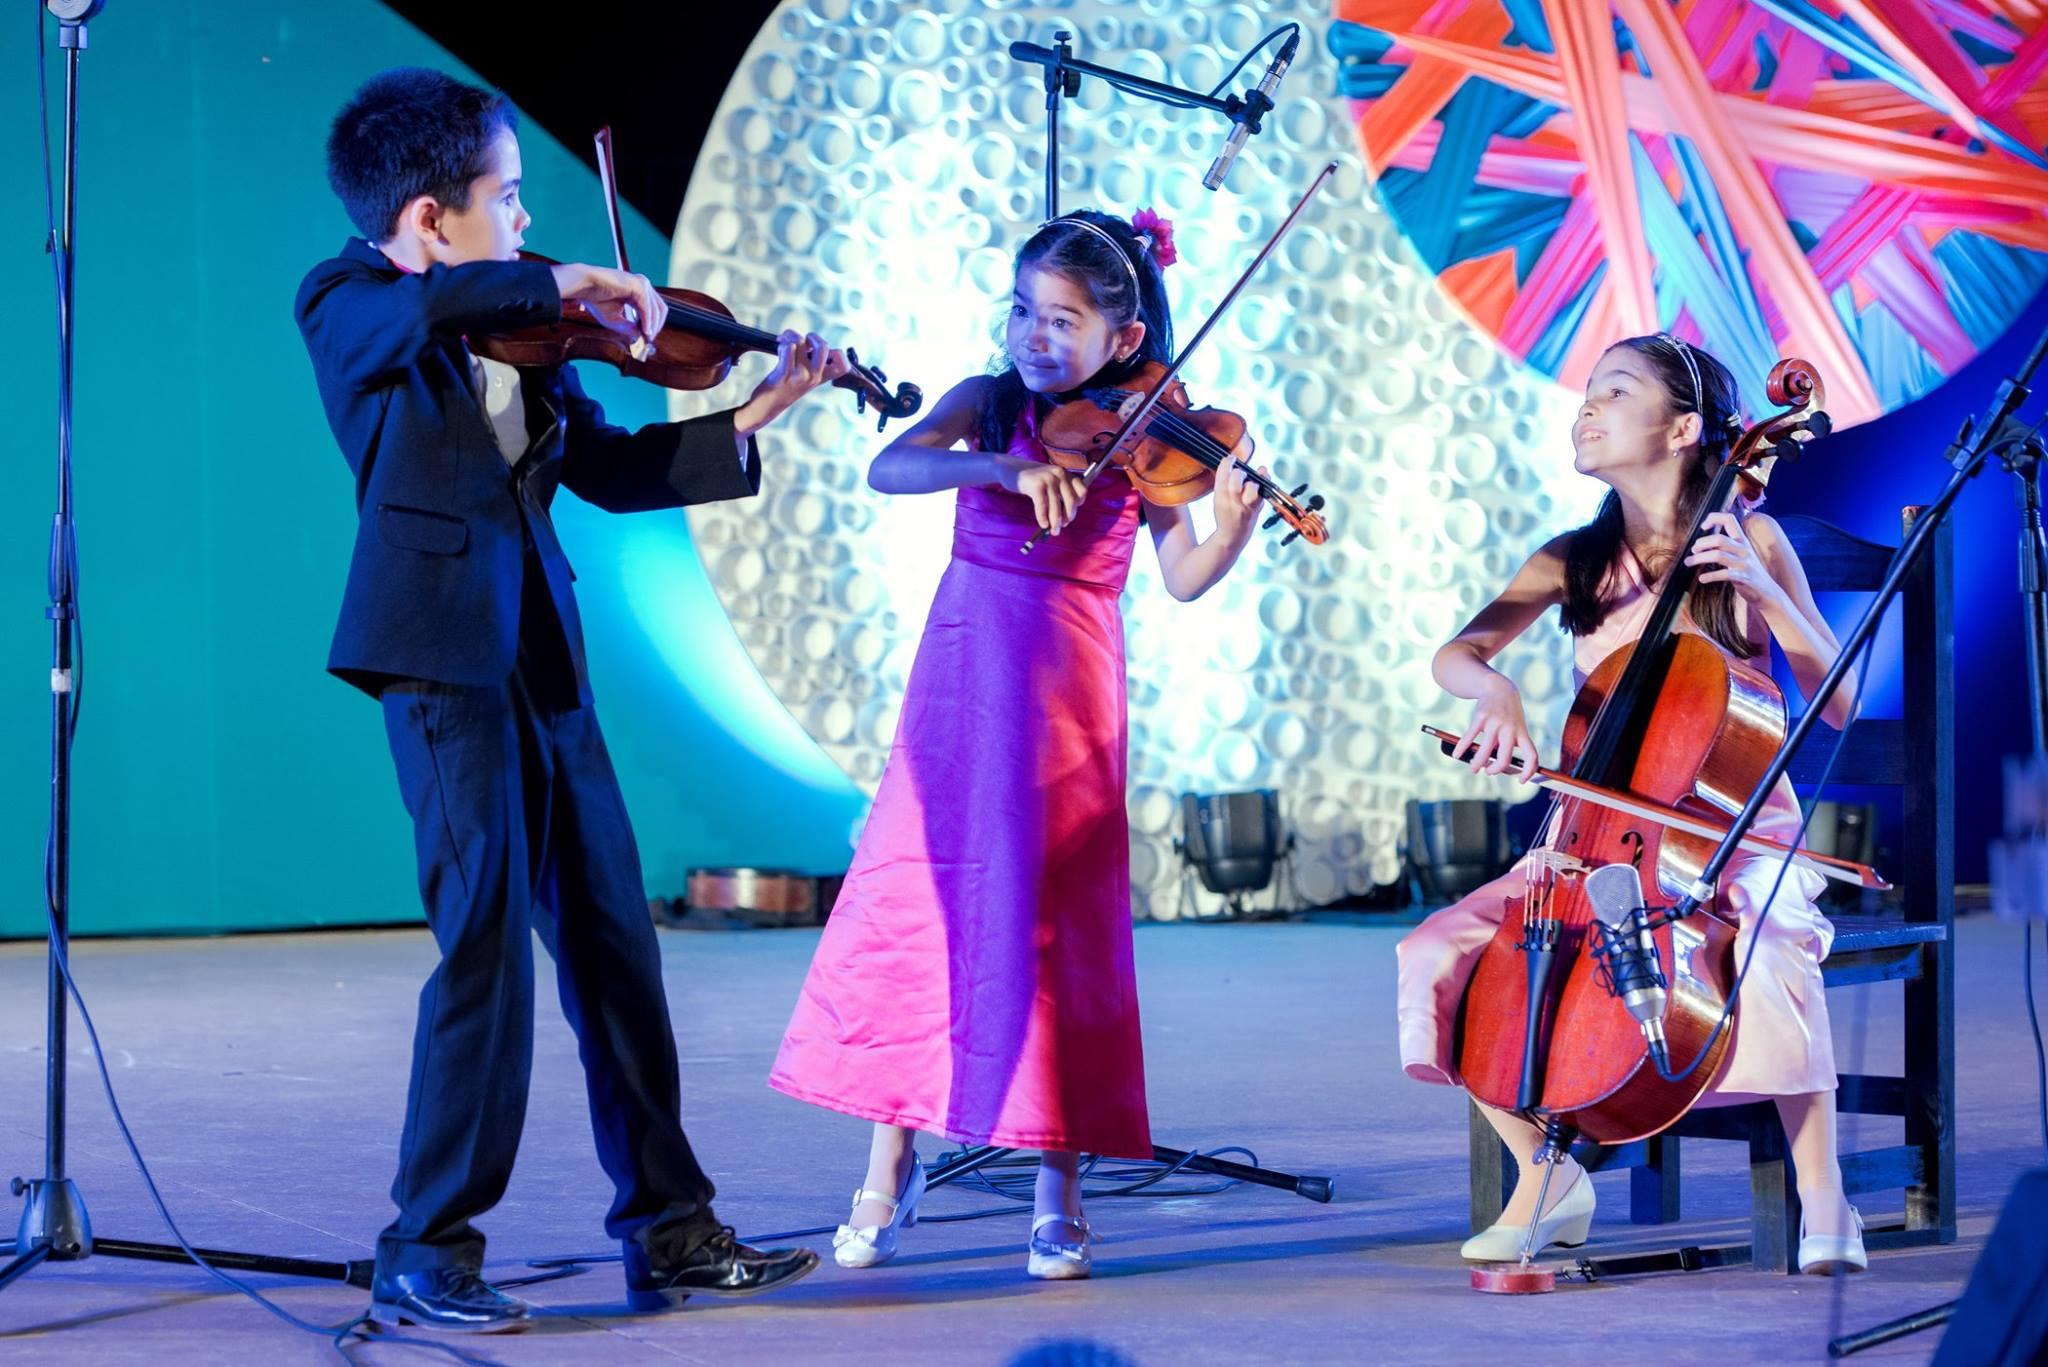 Dustin, Valery y Starla Breshears, de 9, 7 y 8 años respectivamente (Facebook/Iguazu en Concierto)